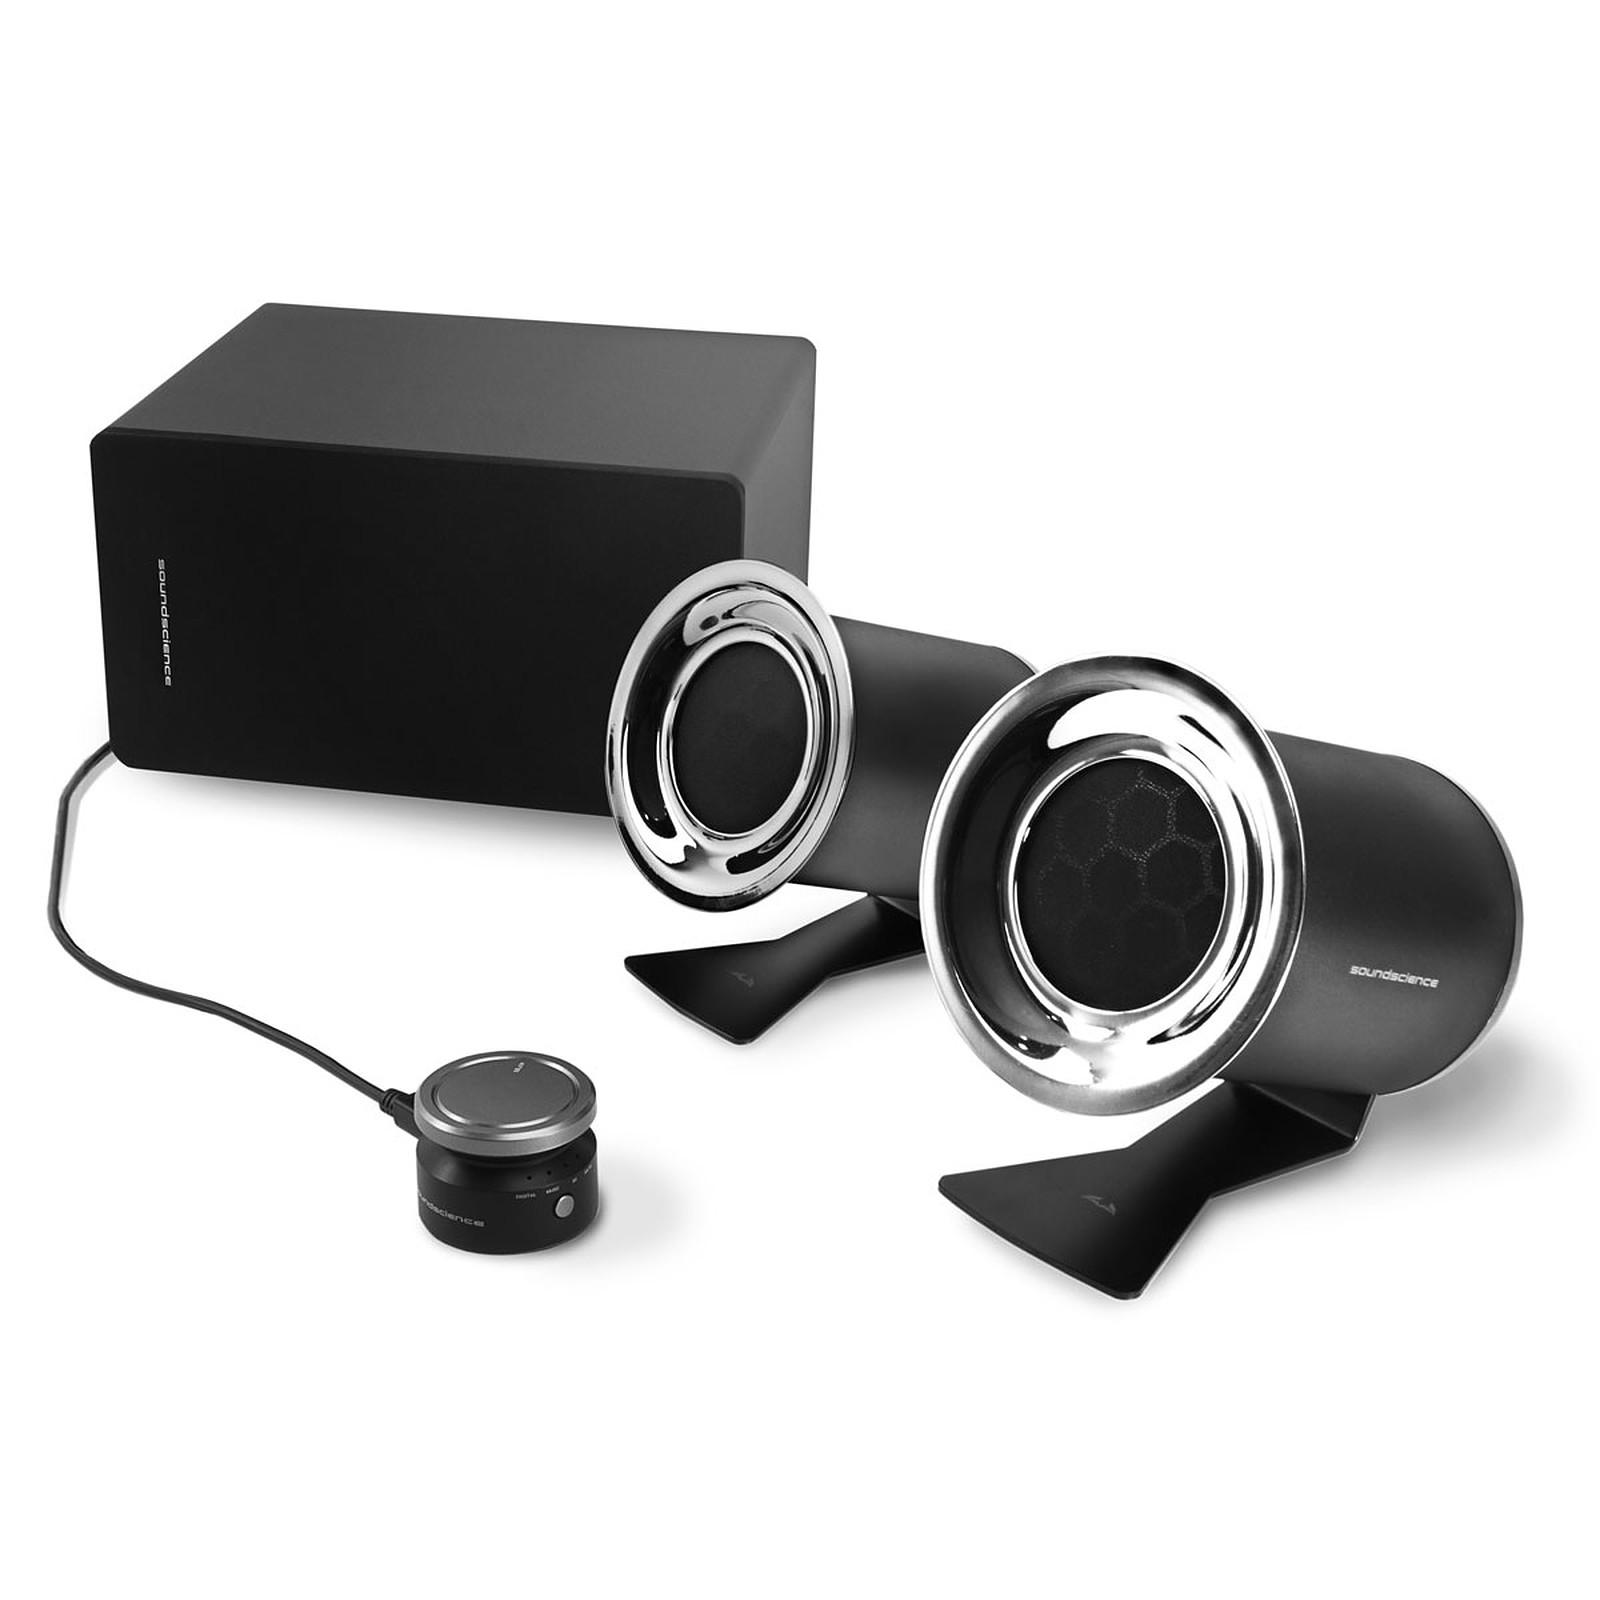 soundscience rockus 3D | 2.1